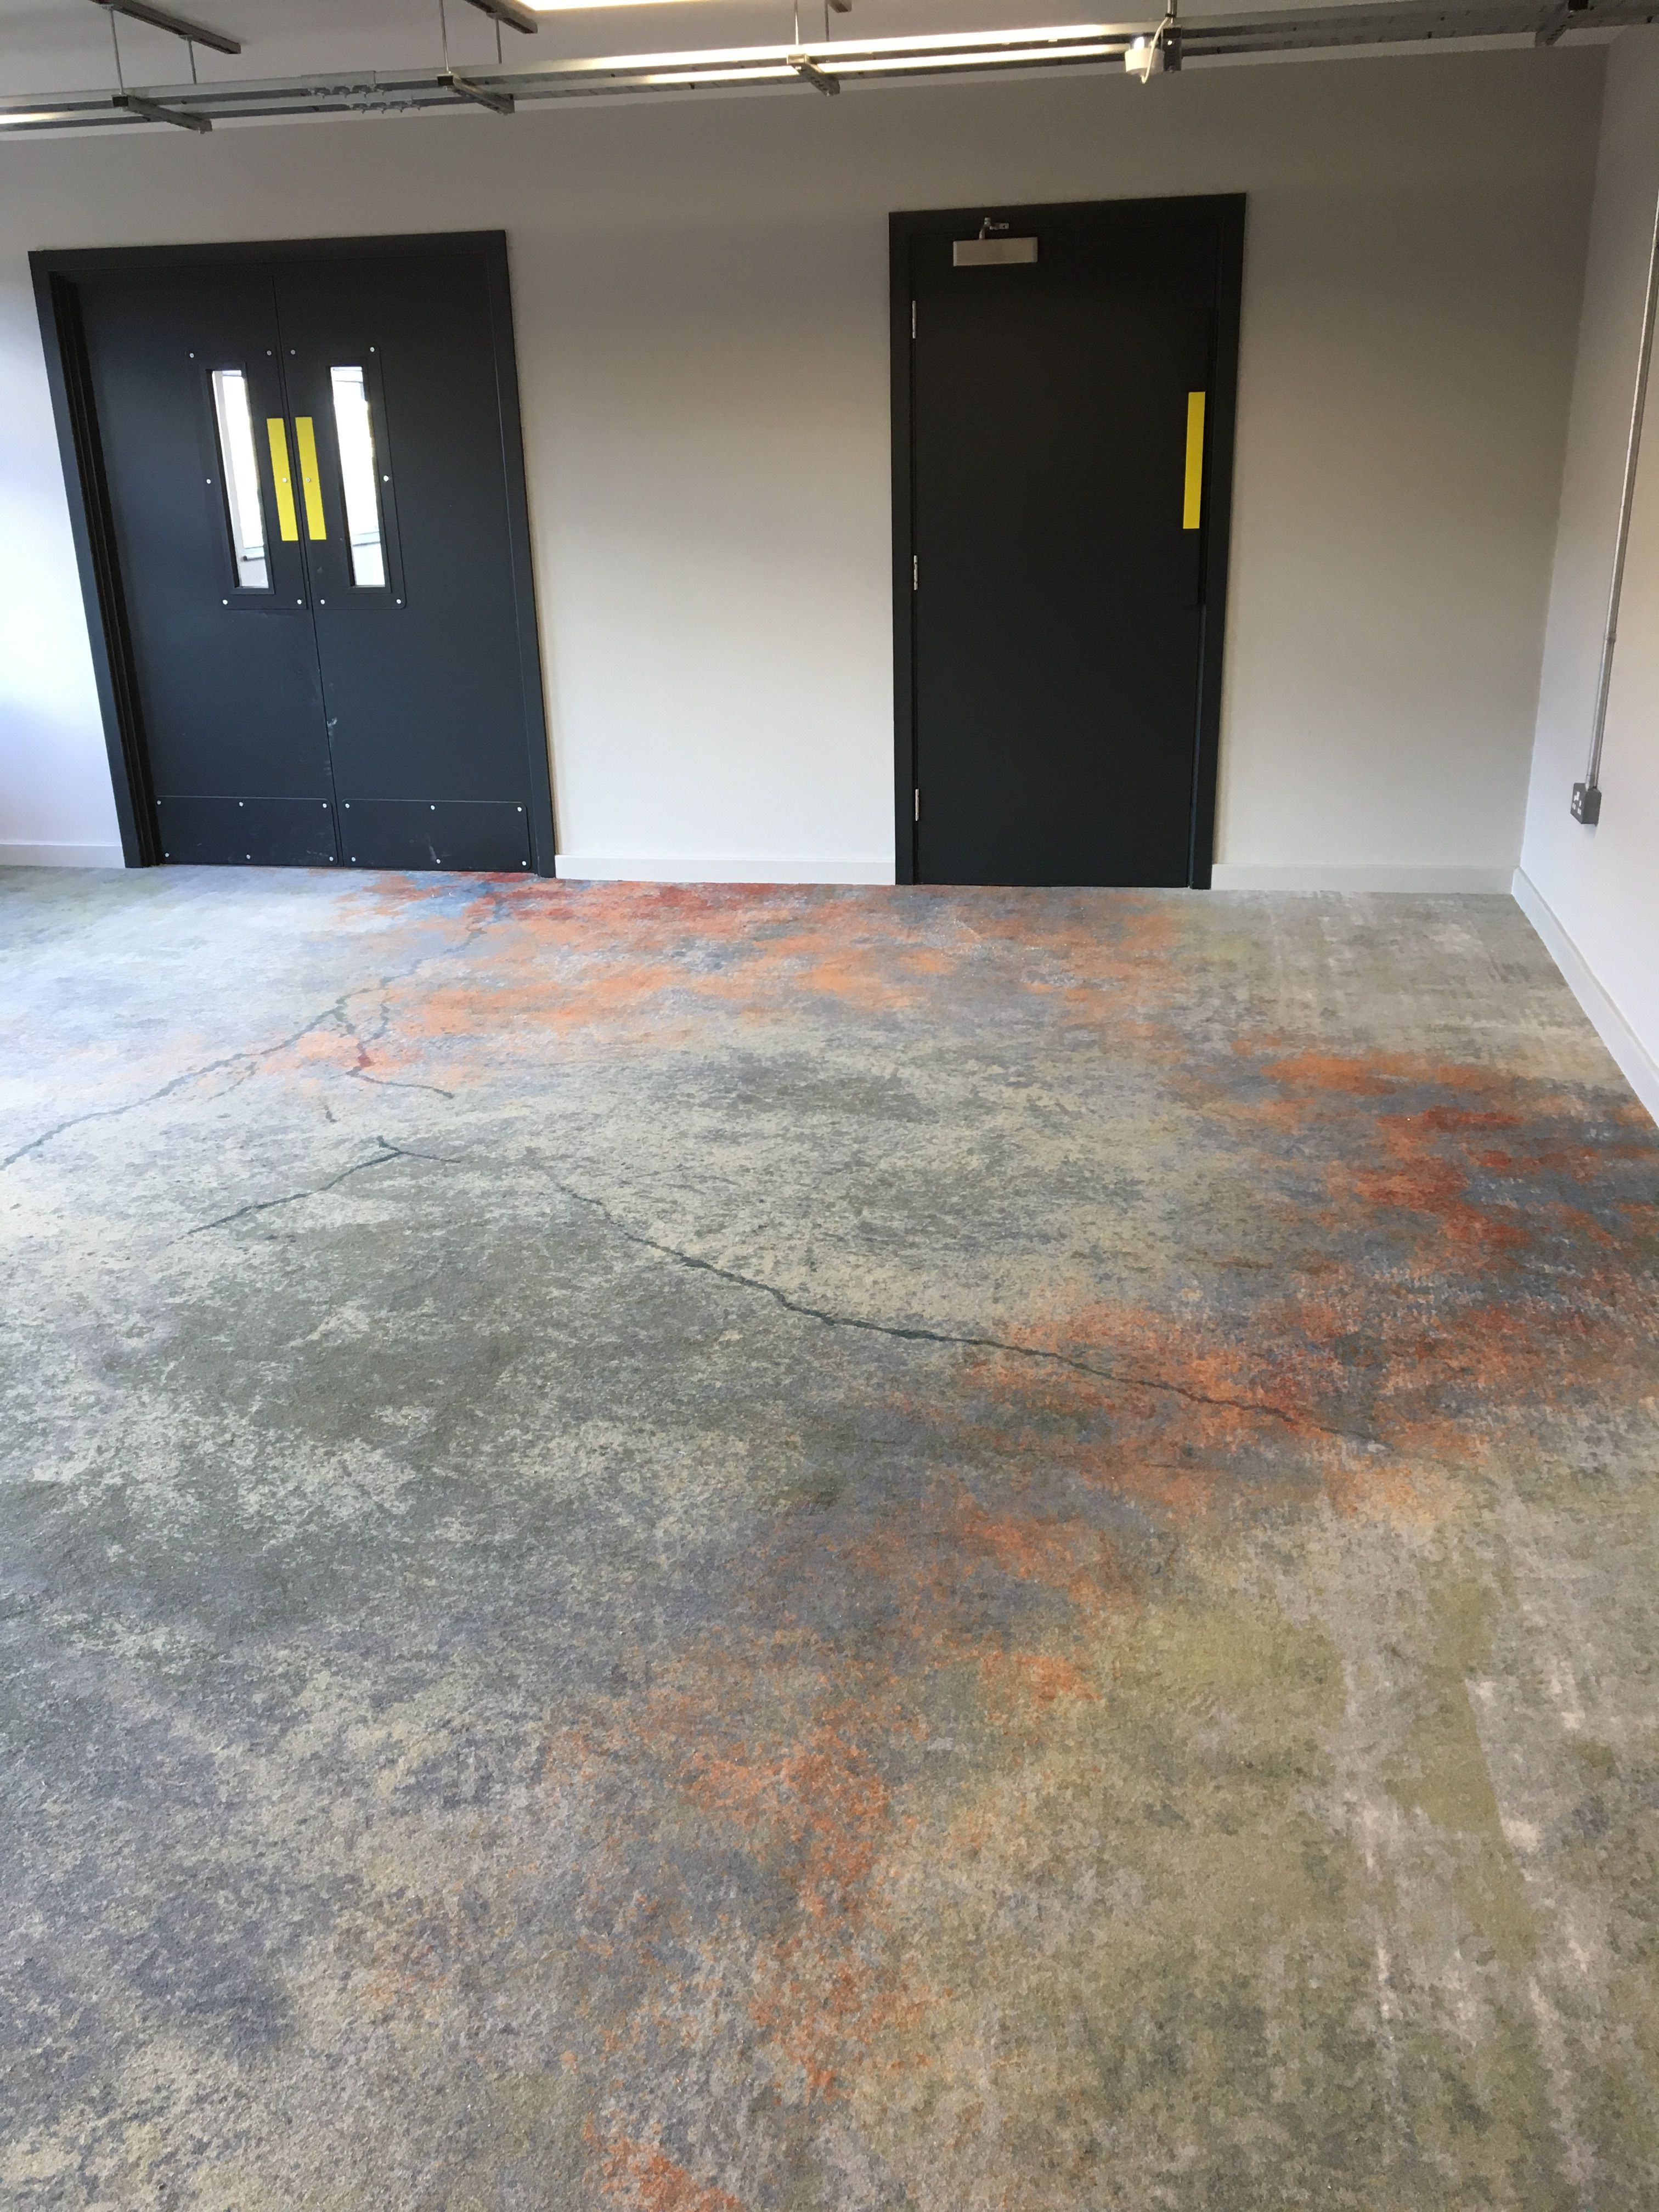 Ege carpet design for sheffield city office spaces for Moquette ege